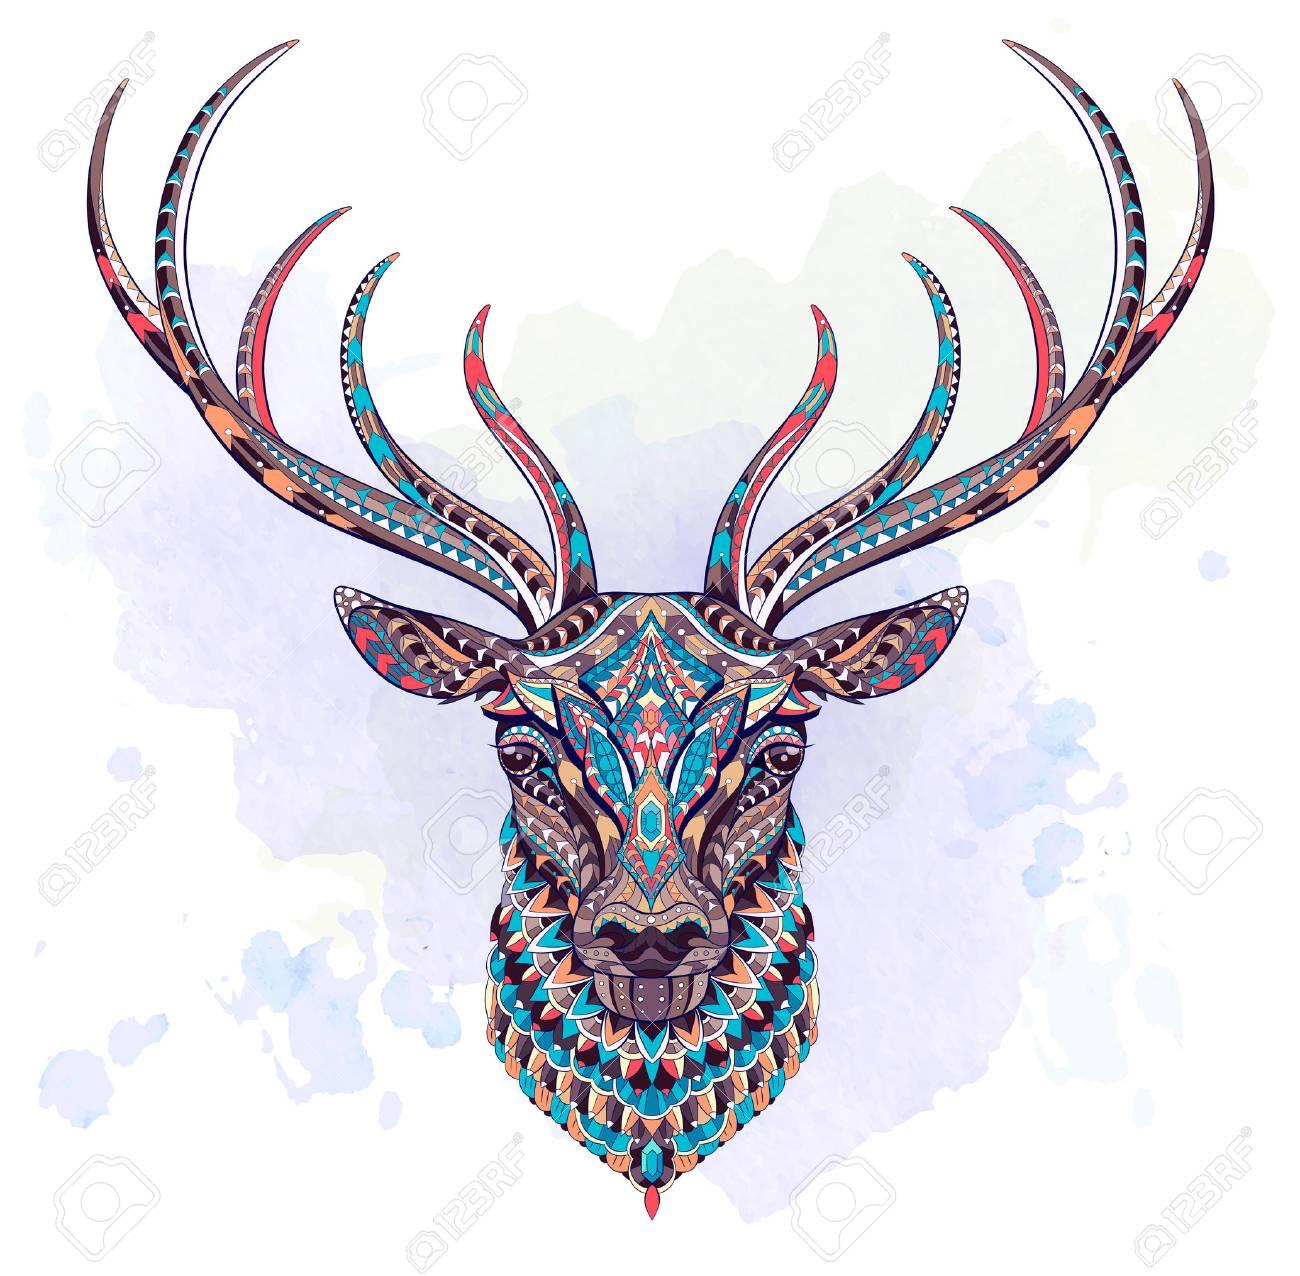 Tete A Motifs Du Cerf Sur Le Fond Grunge Africain Indien Totem Conception De Tatouage Il Peut Etre Utilise Pour La Conception D Un T Shirt Sac Carte Postale Une Affiche Et Ainsi De